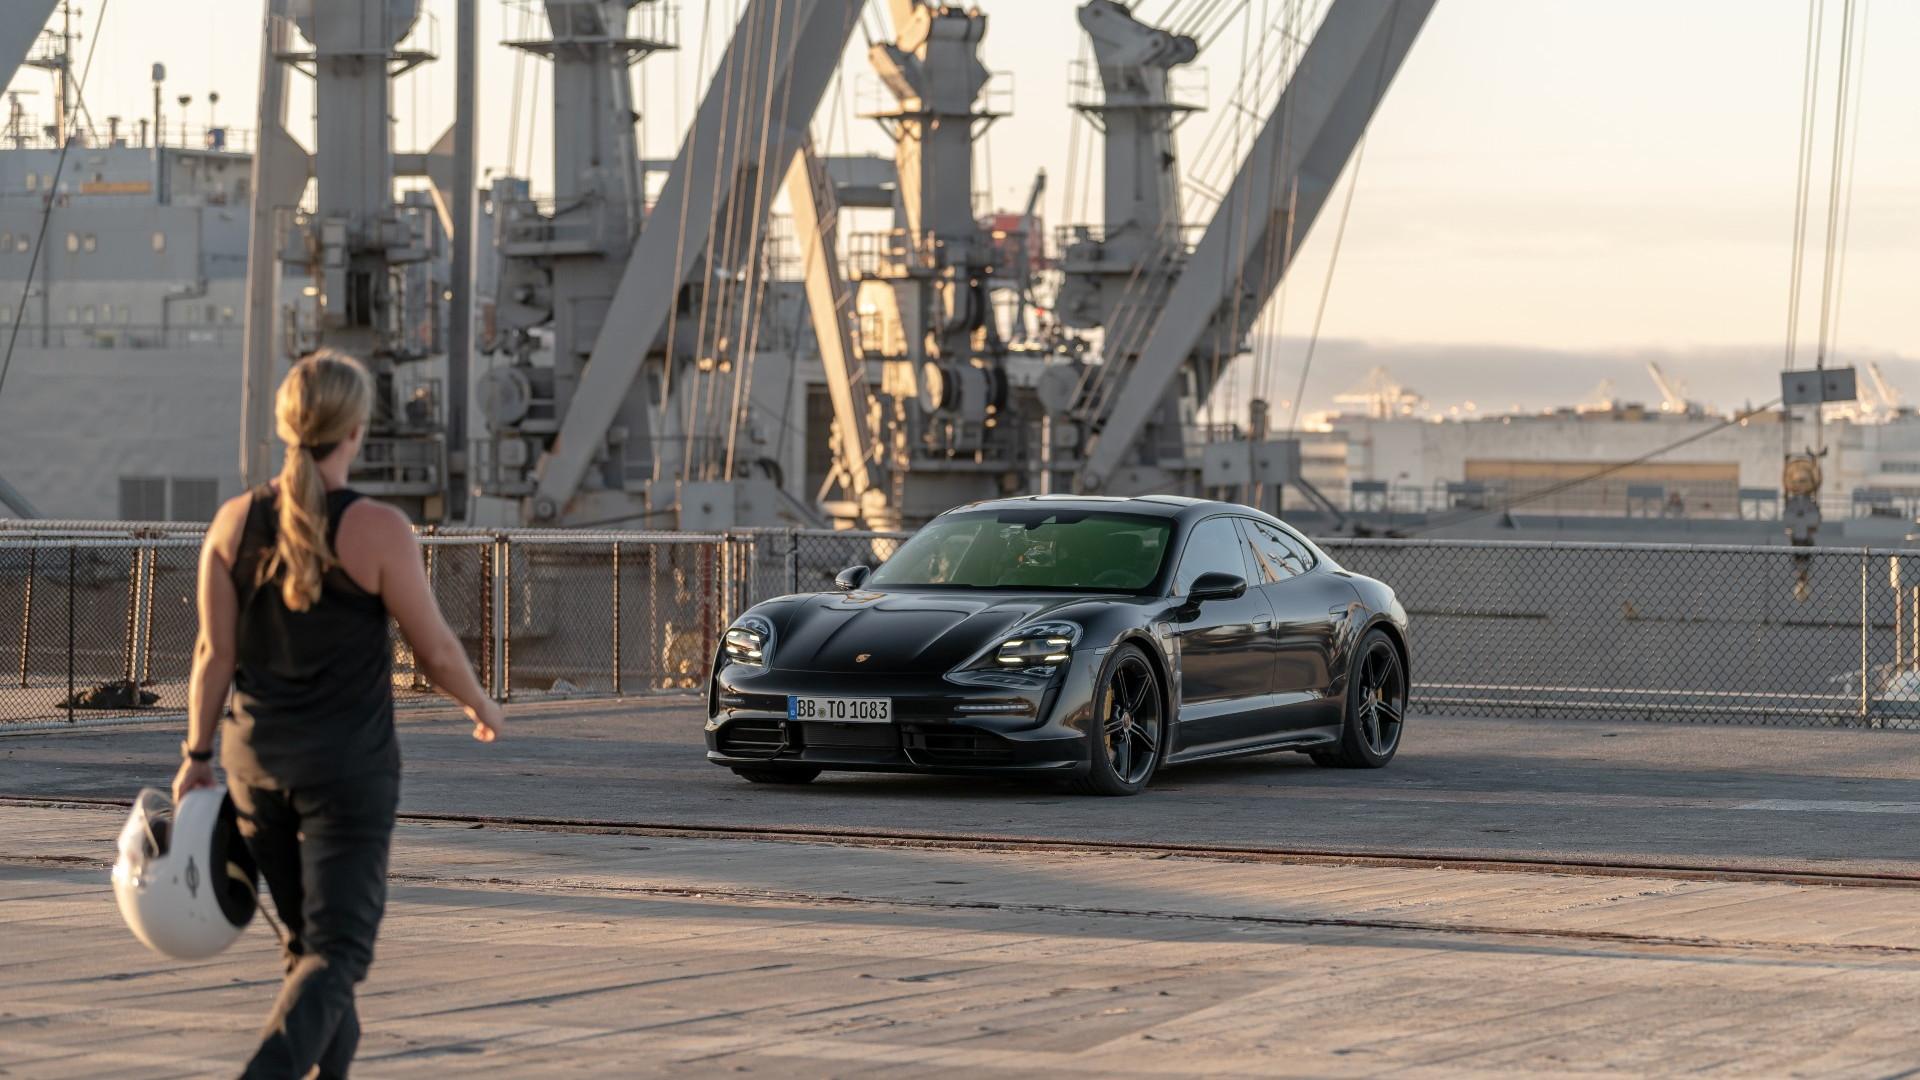 2020 Porsche Taycan  -  0-90-0 mph stunt on USS Hornet aircraft carrier